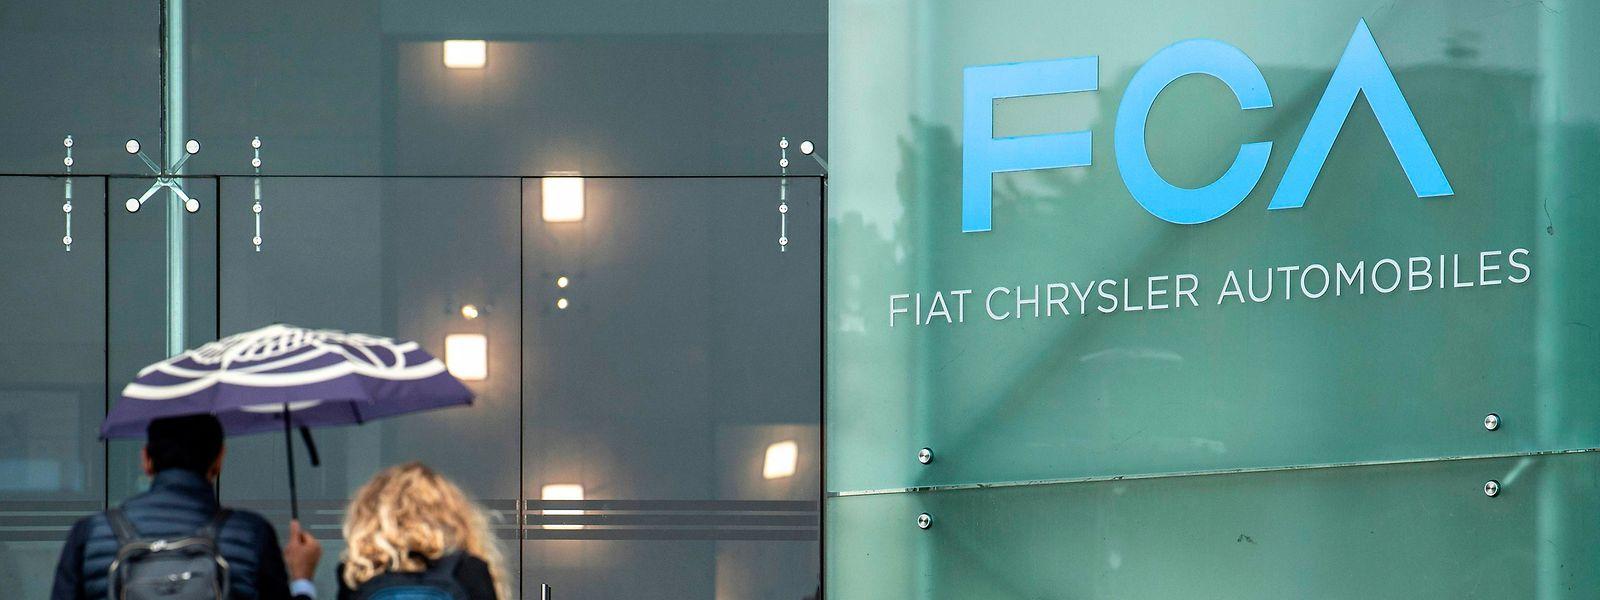 Fiat Chrysler Automobiles (FCA) était née en 2014, après le rachat à 100 % du groupe Chrysler.